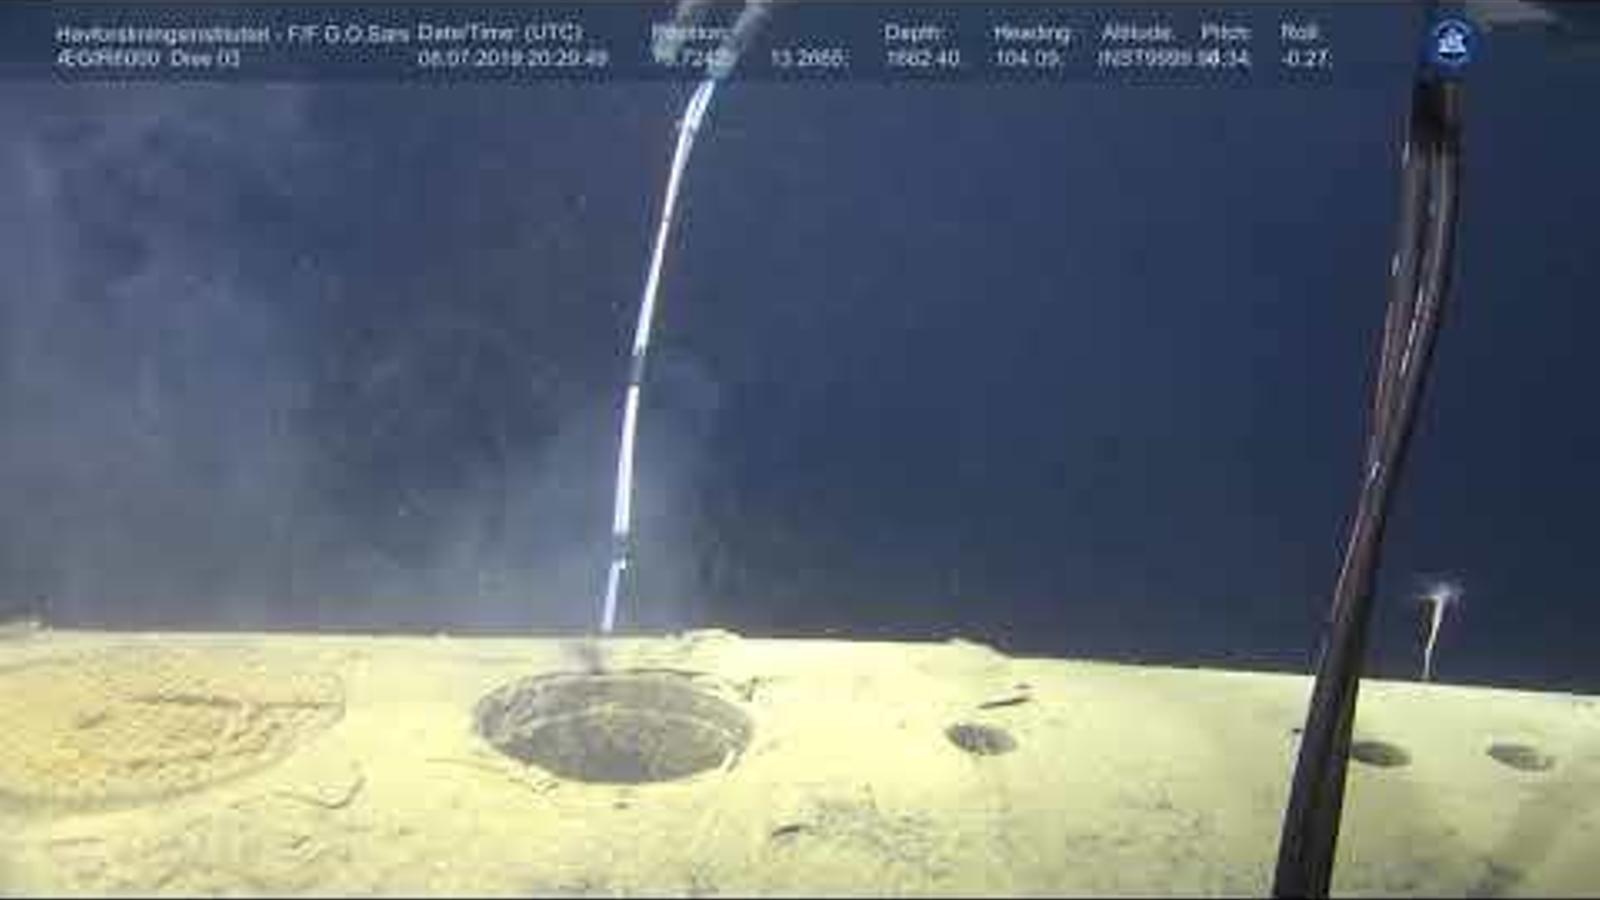 Un submarí nuclear soviètic enfonsat a Noruega segueix emetent radiació